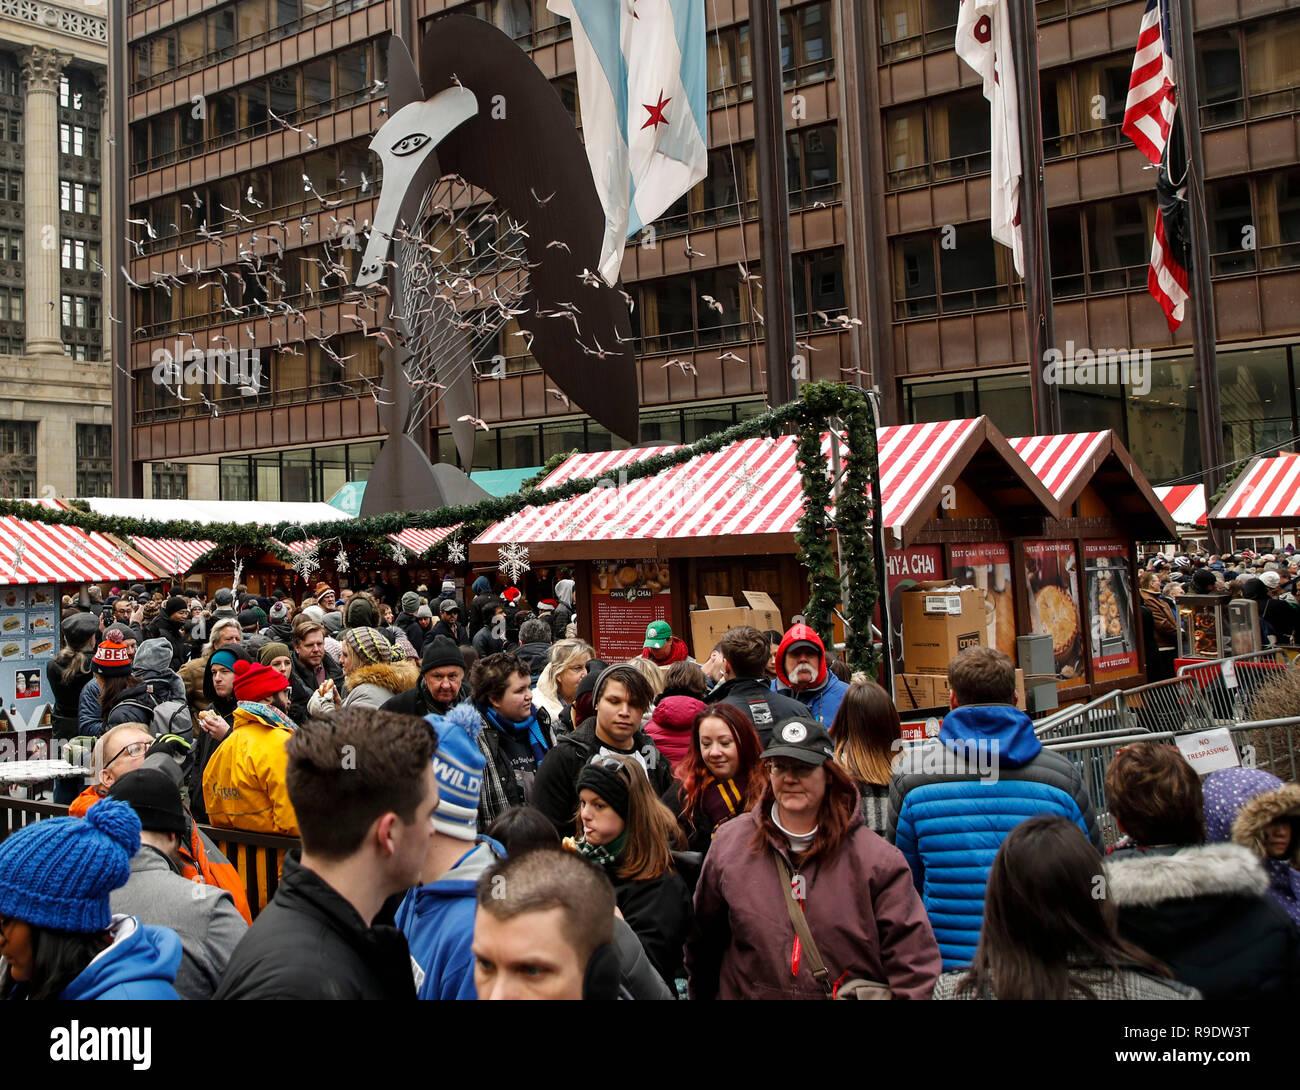 Chicago Christmas Market.Chicago Usa 22nd Dec 2018 People Visit Christkindlmarket